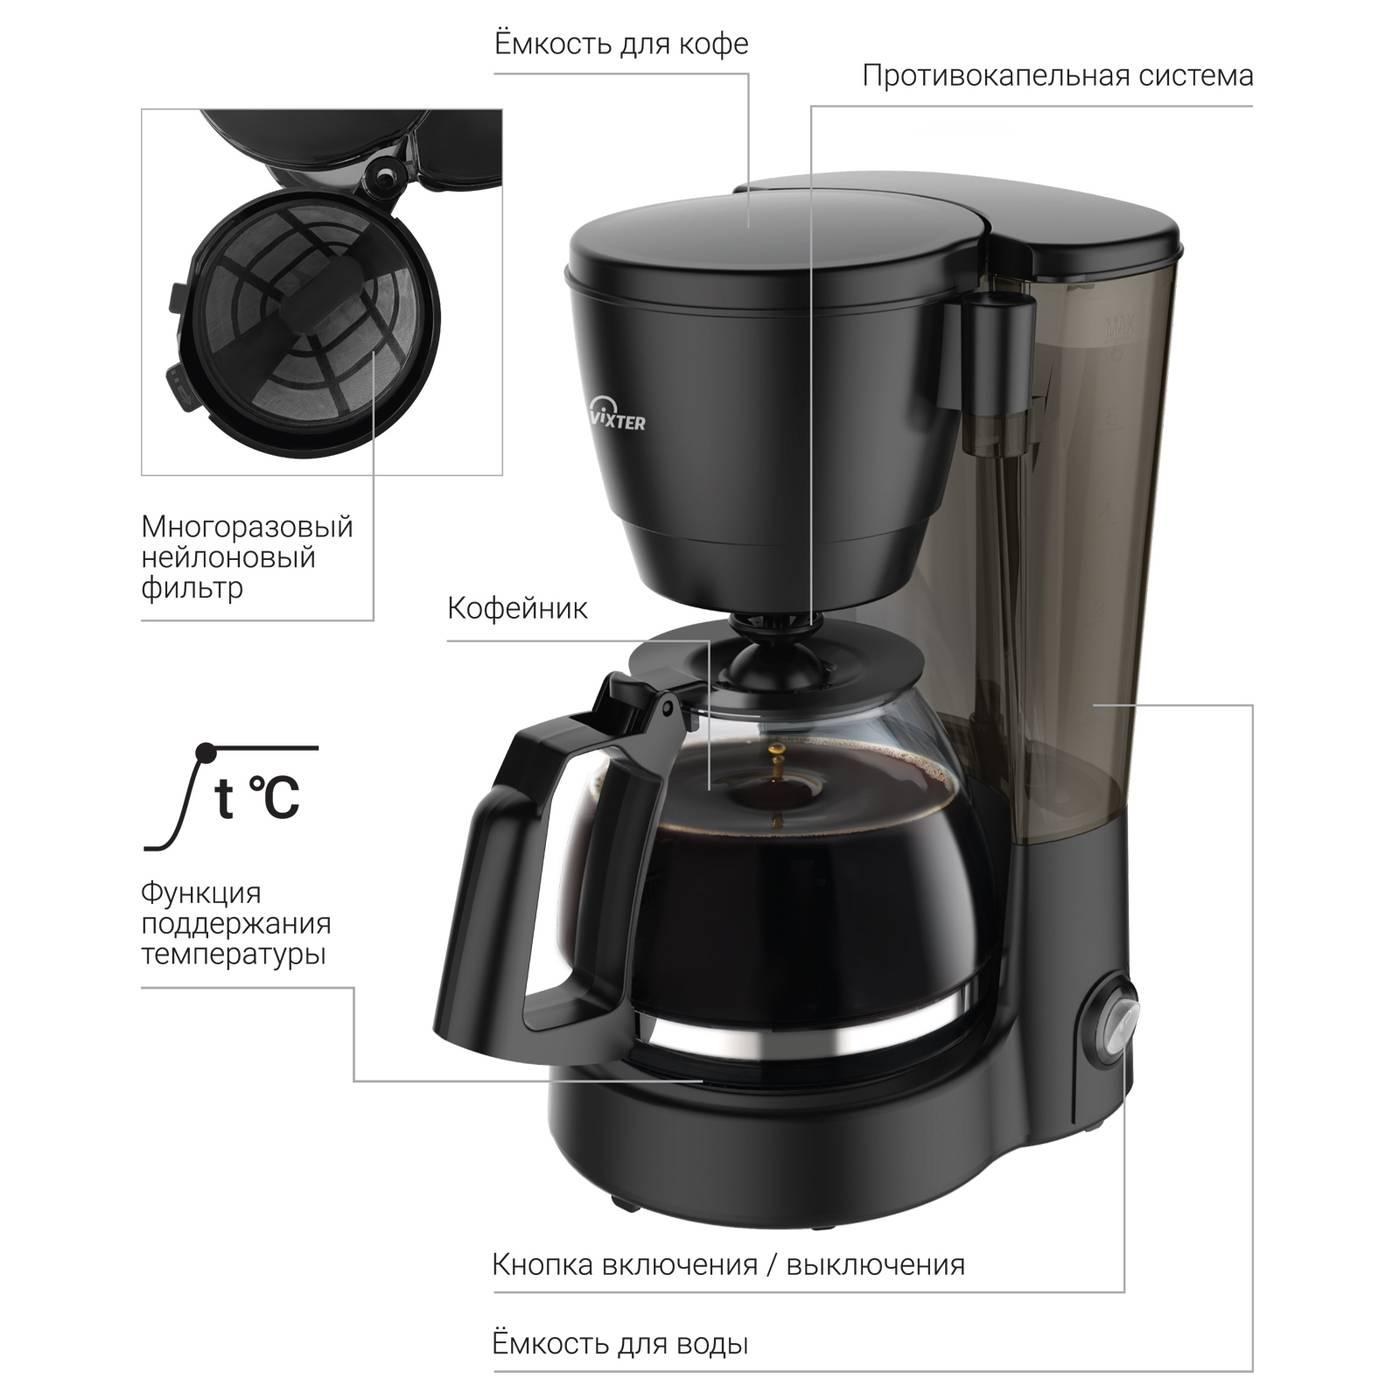 10 лучших капельных кофеварок и советы по выбору